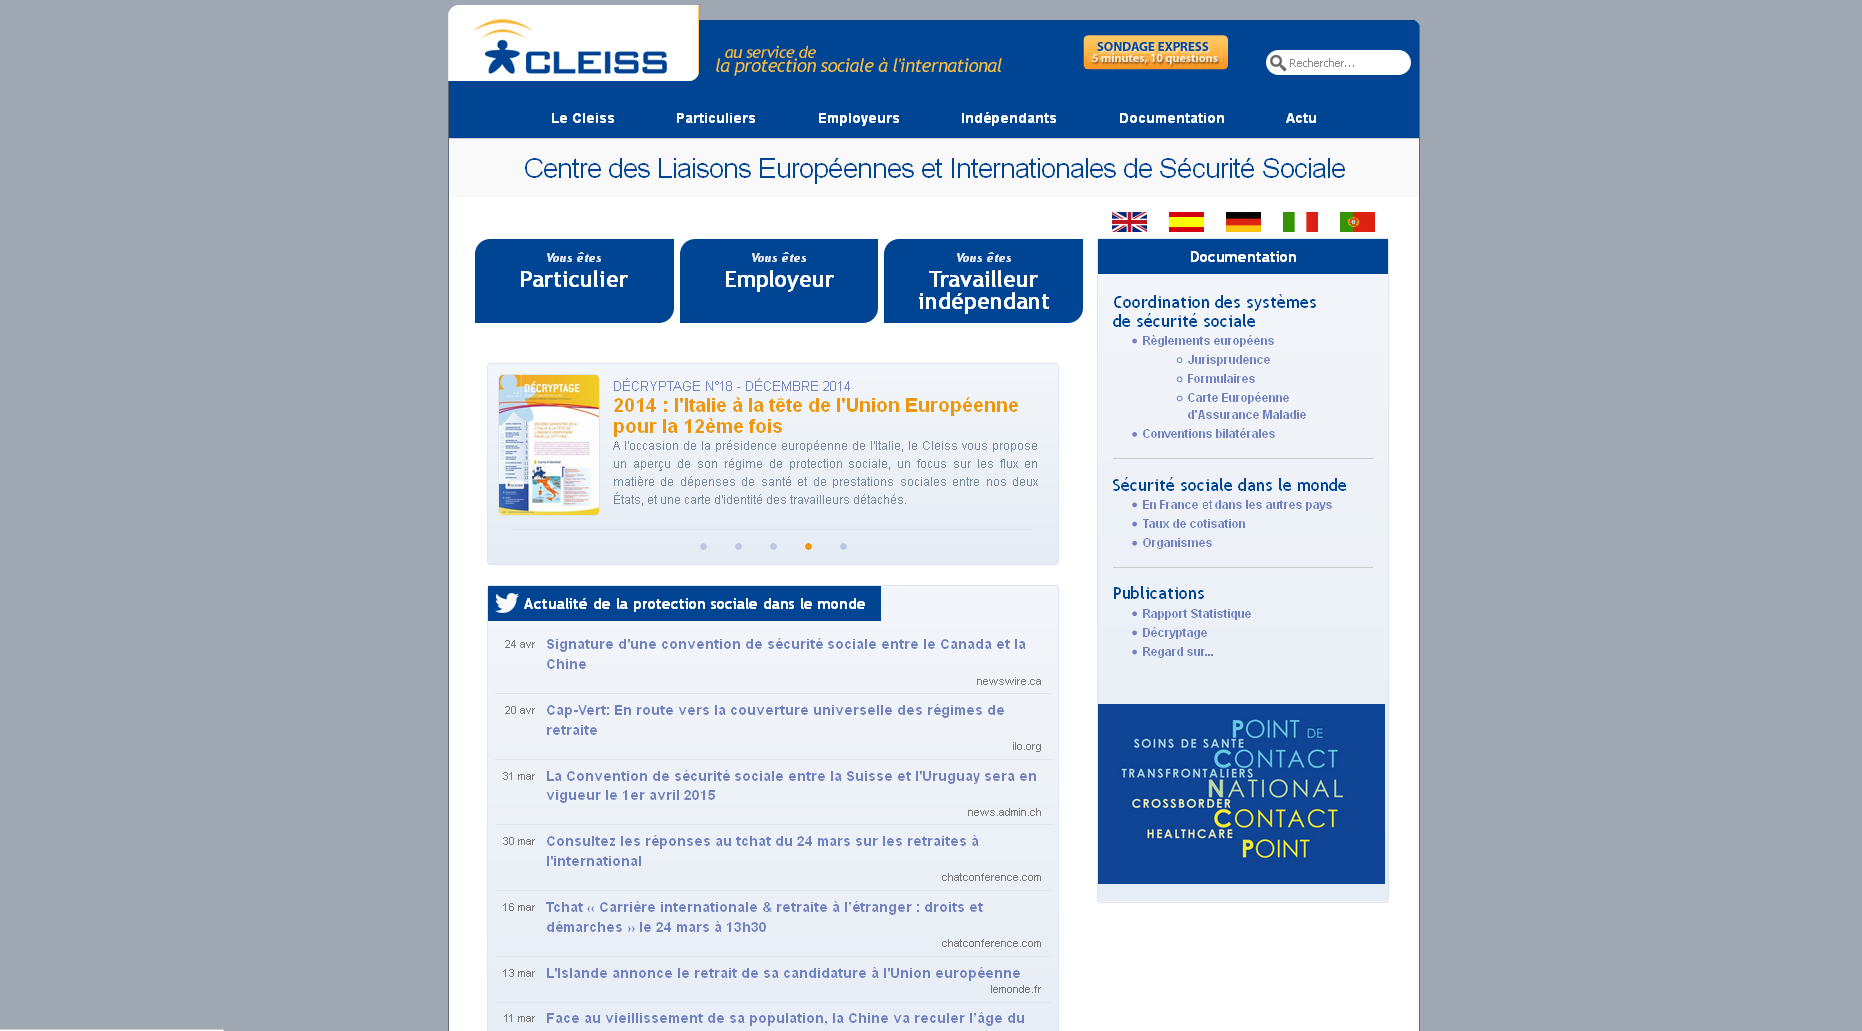 Site du Centre des liaisons européennes et internationales de sécurité sociale.